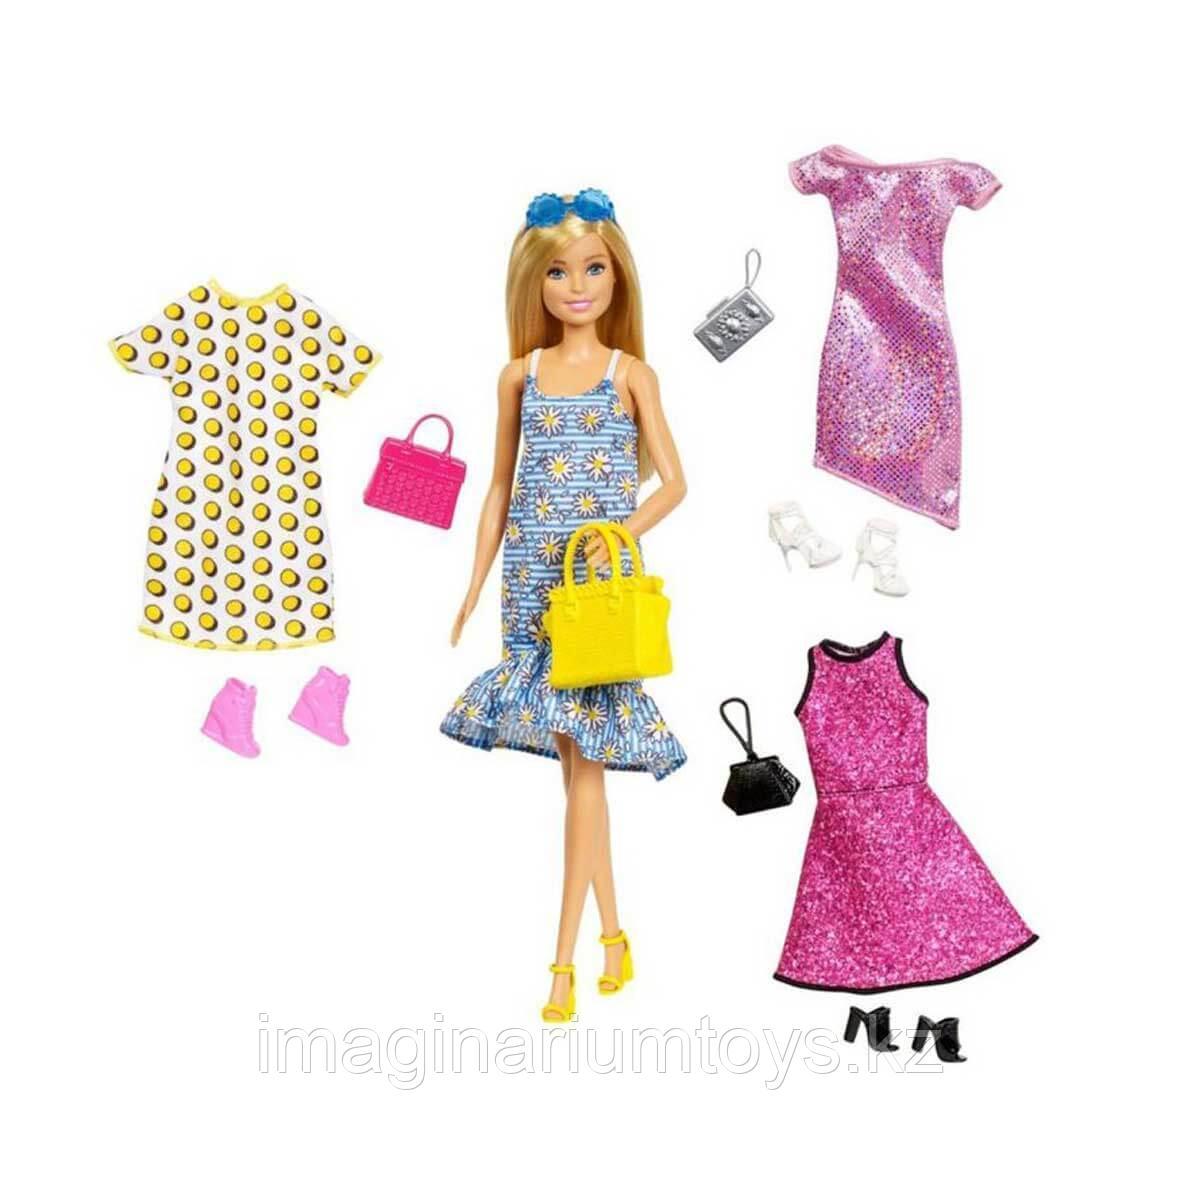 Кукла Барби с одеждой, обувью и акессуарами в наборе